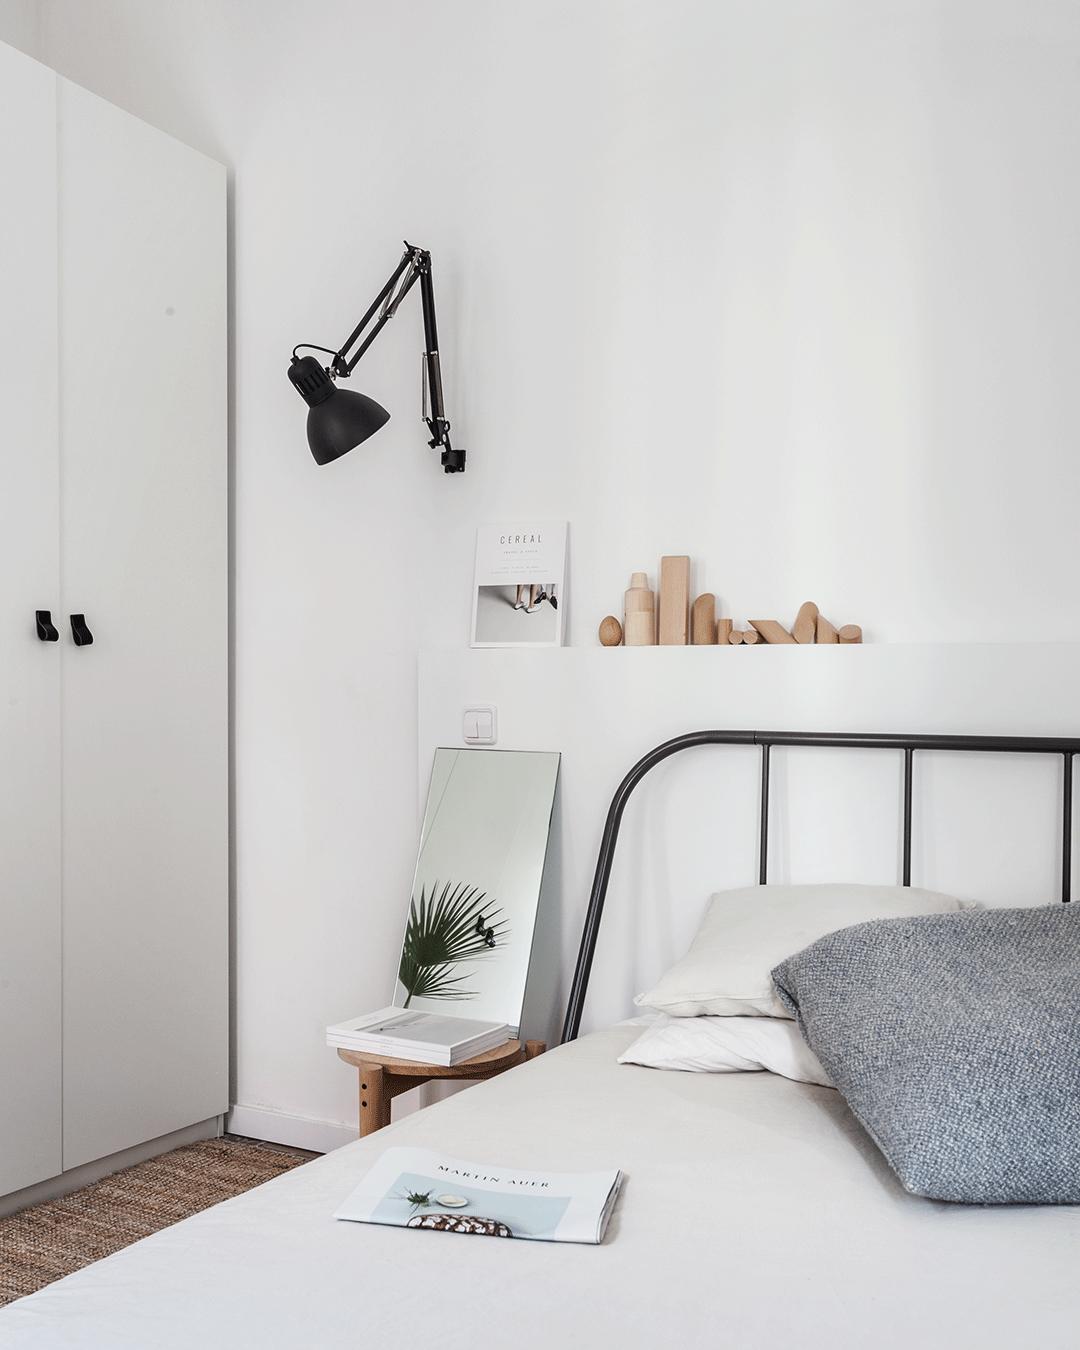 Blesa_Apartment_02.png